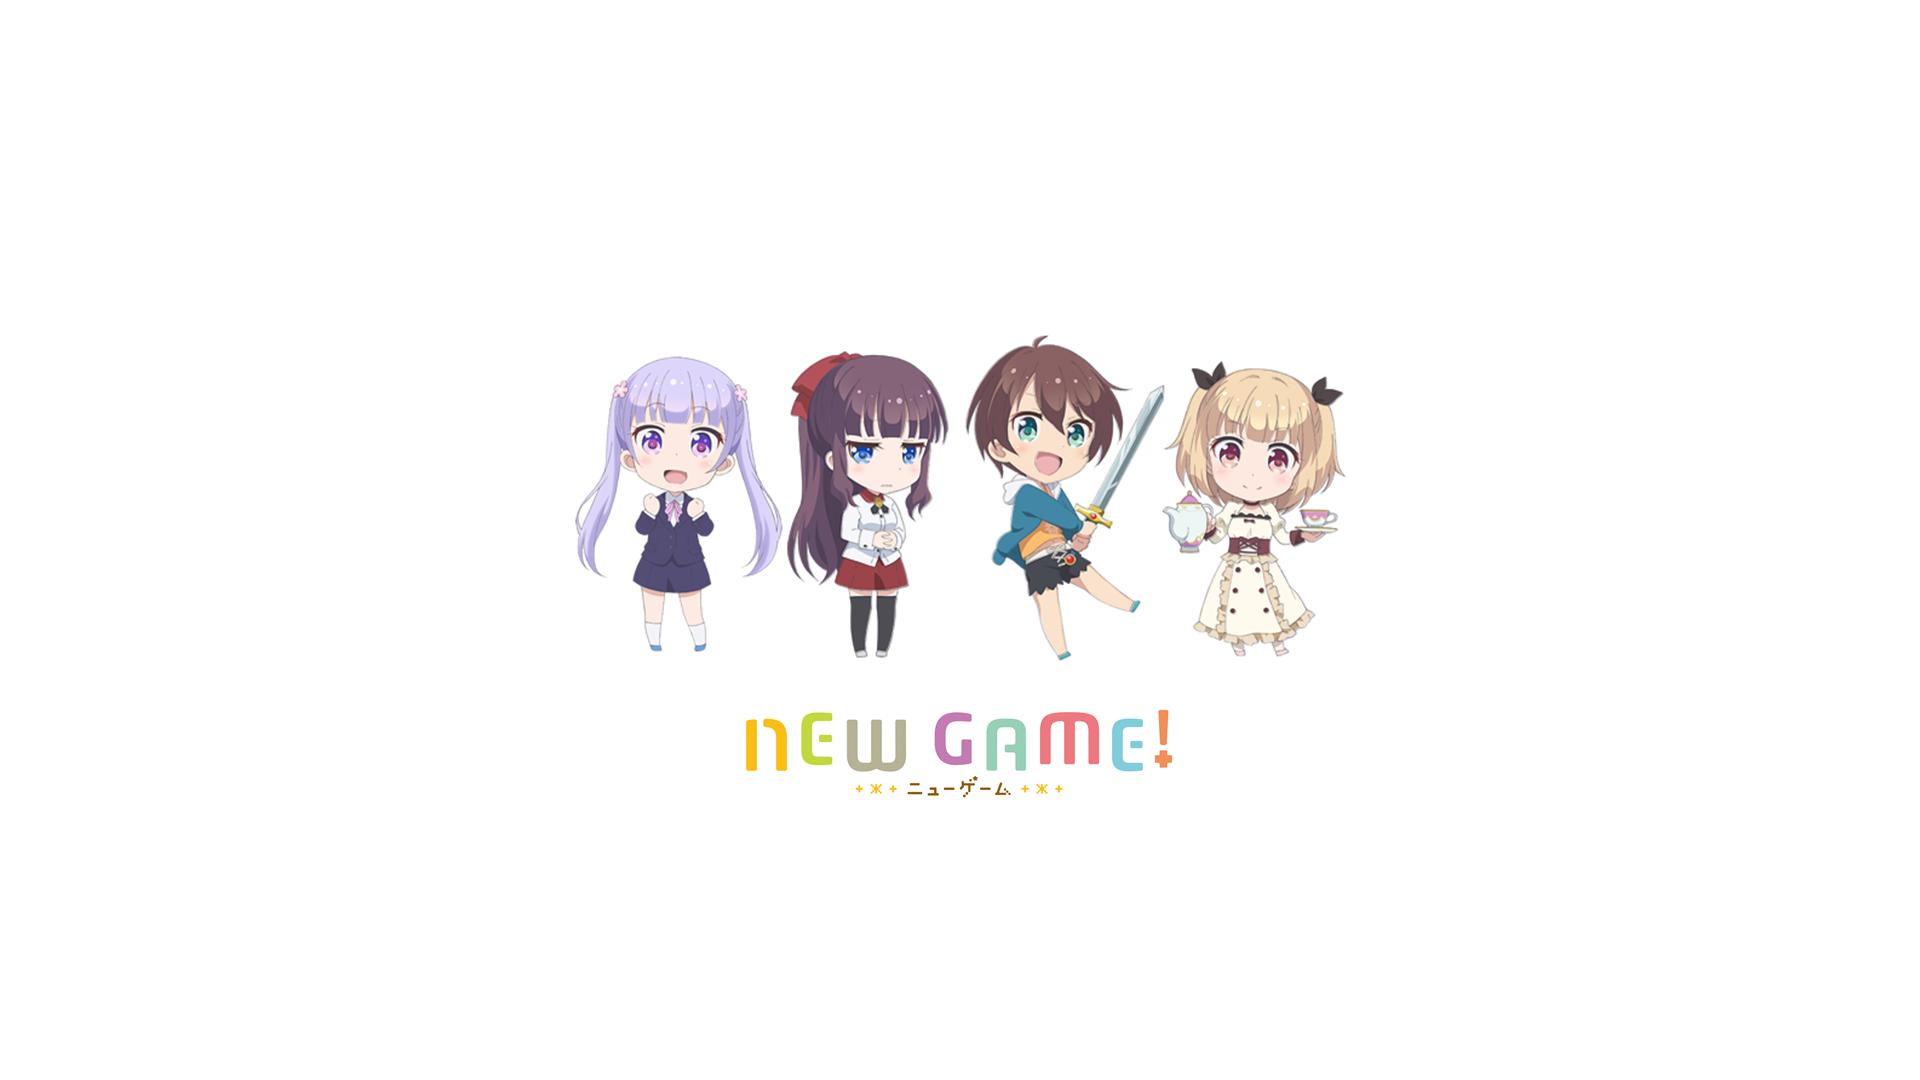 デスクトップ壁紙 新しいゲーム 瀧本ひふみ 鈴鹿青葉 篠田元